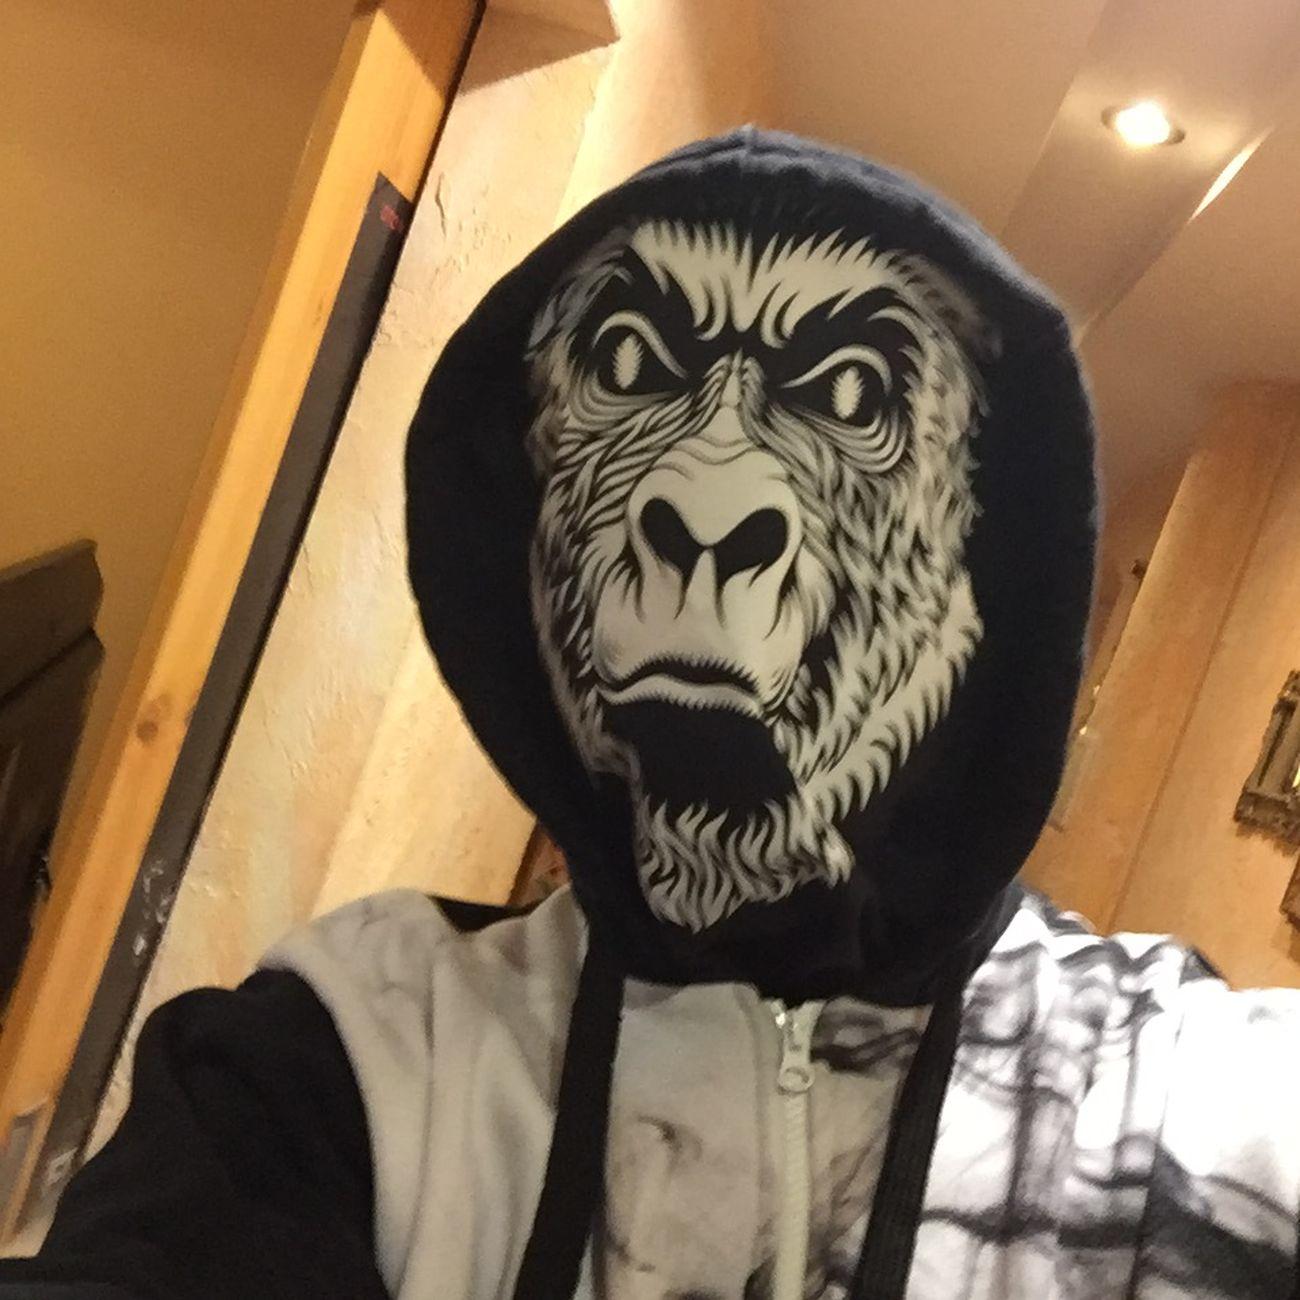 Małpa Małpa Mówi 71 Wroclaw, Poland